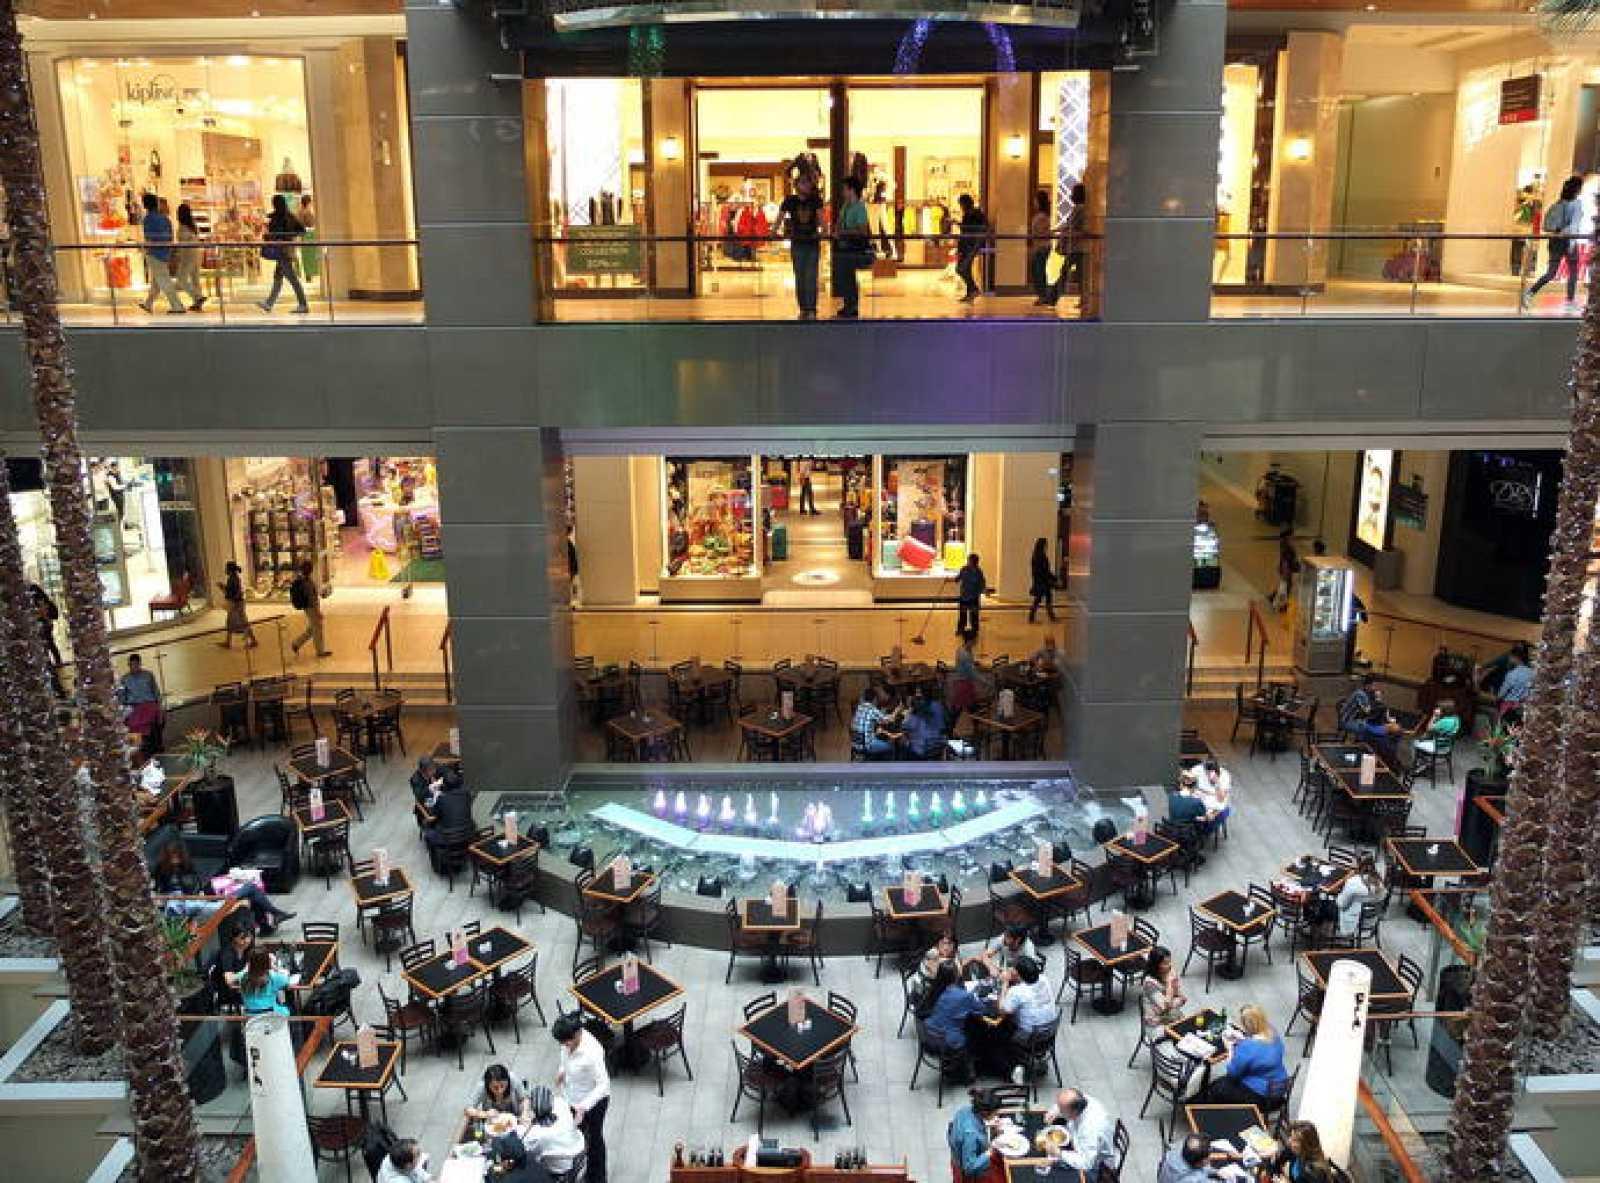 Un grupo de ciudadanos hace sus compras en un centro comercial.